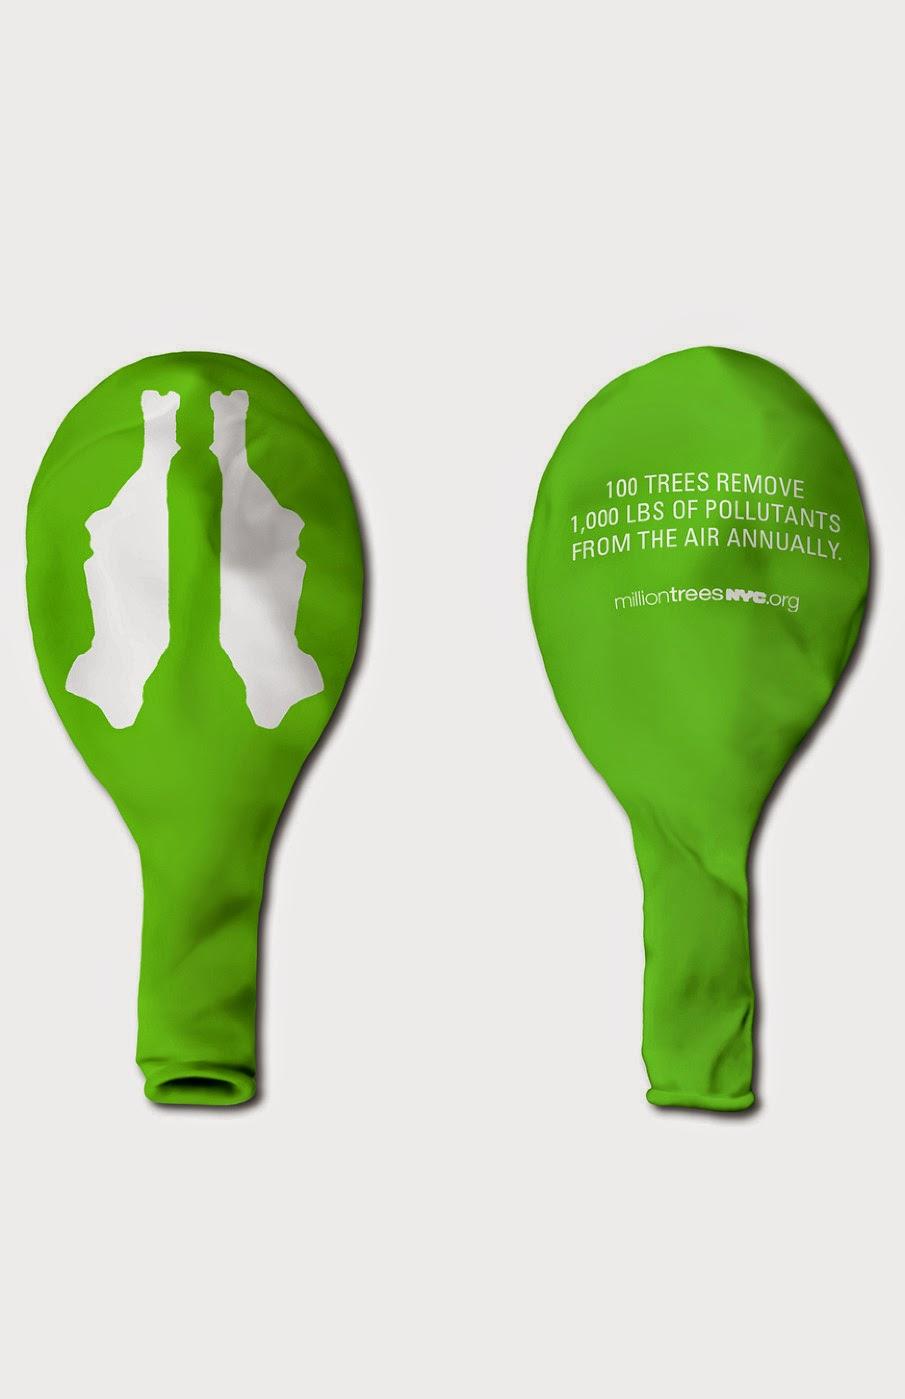 http://4.bp.blogspot.com/-MkXTcIQuN6s/VBuczOBa1hI/AAAAAAAAAd0/OyeYxhEkJgk/s1600/3-Balloon_905.jpg